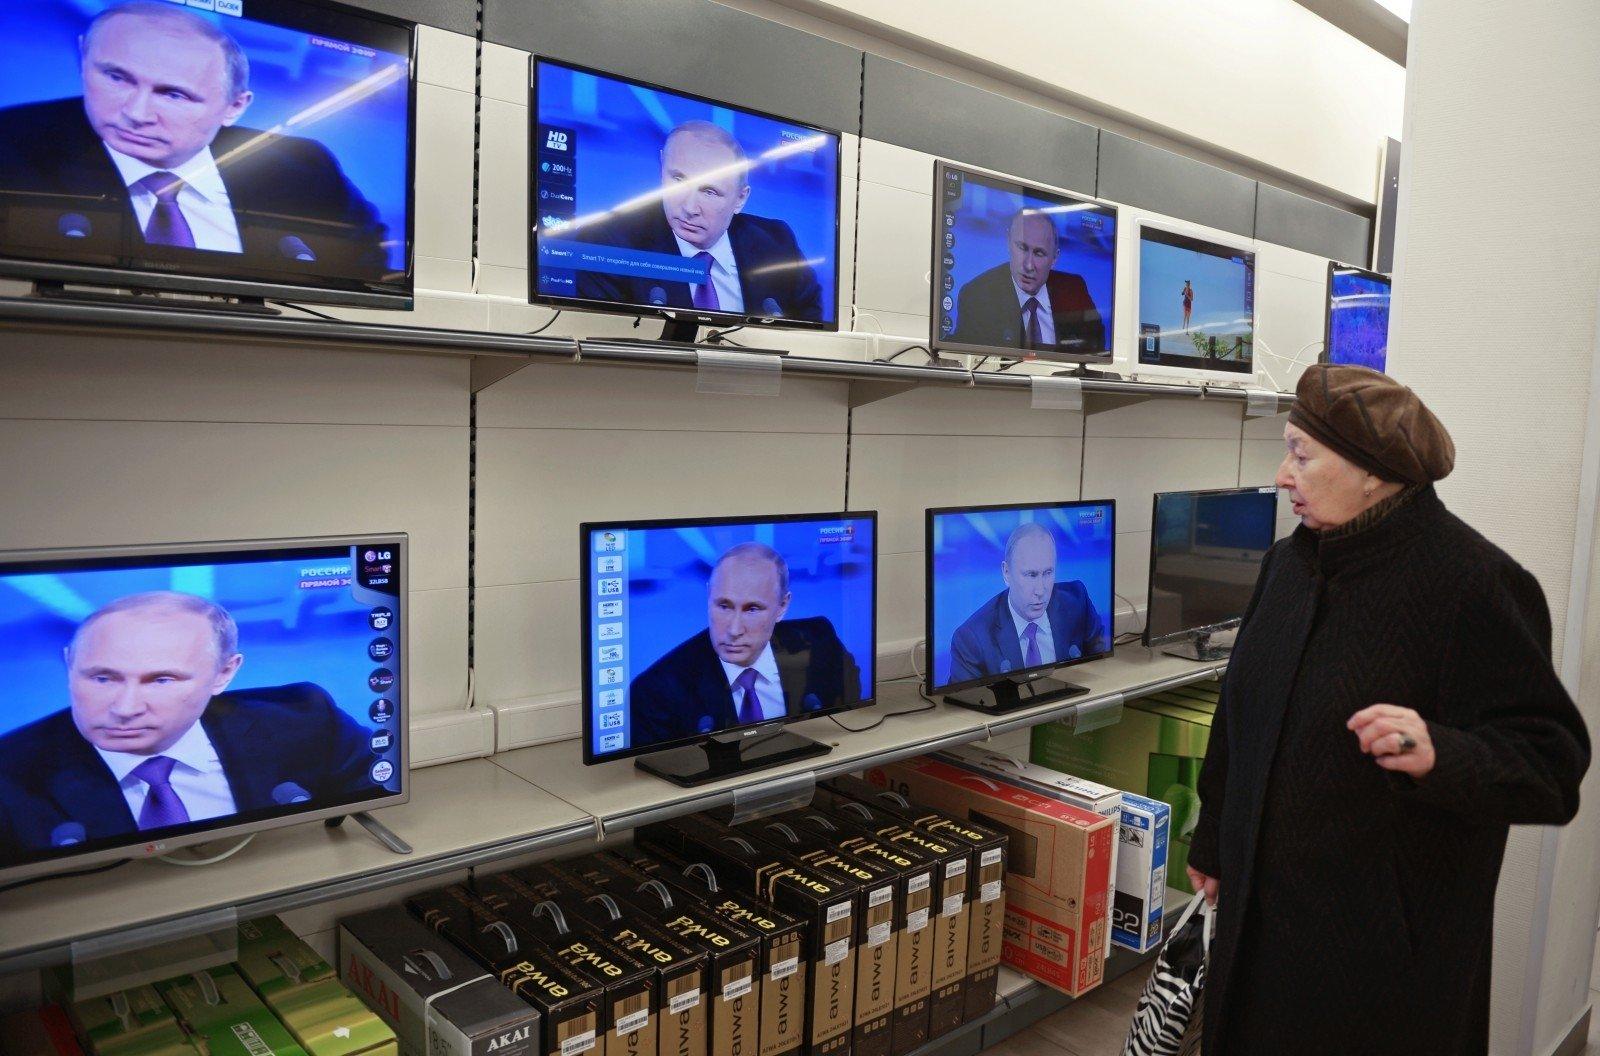 ВЛитве хотят уменьшить число русских телевизионных программ